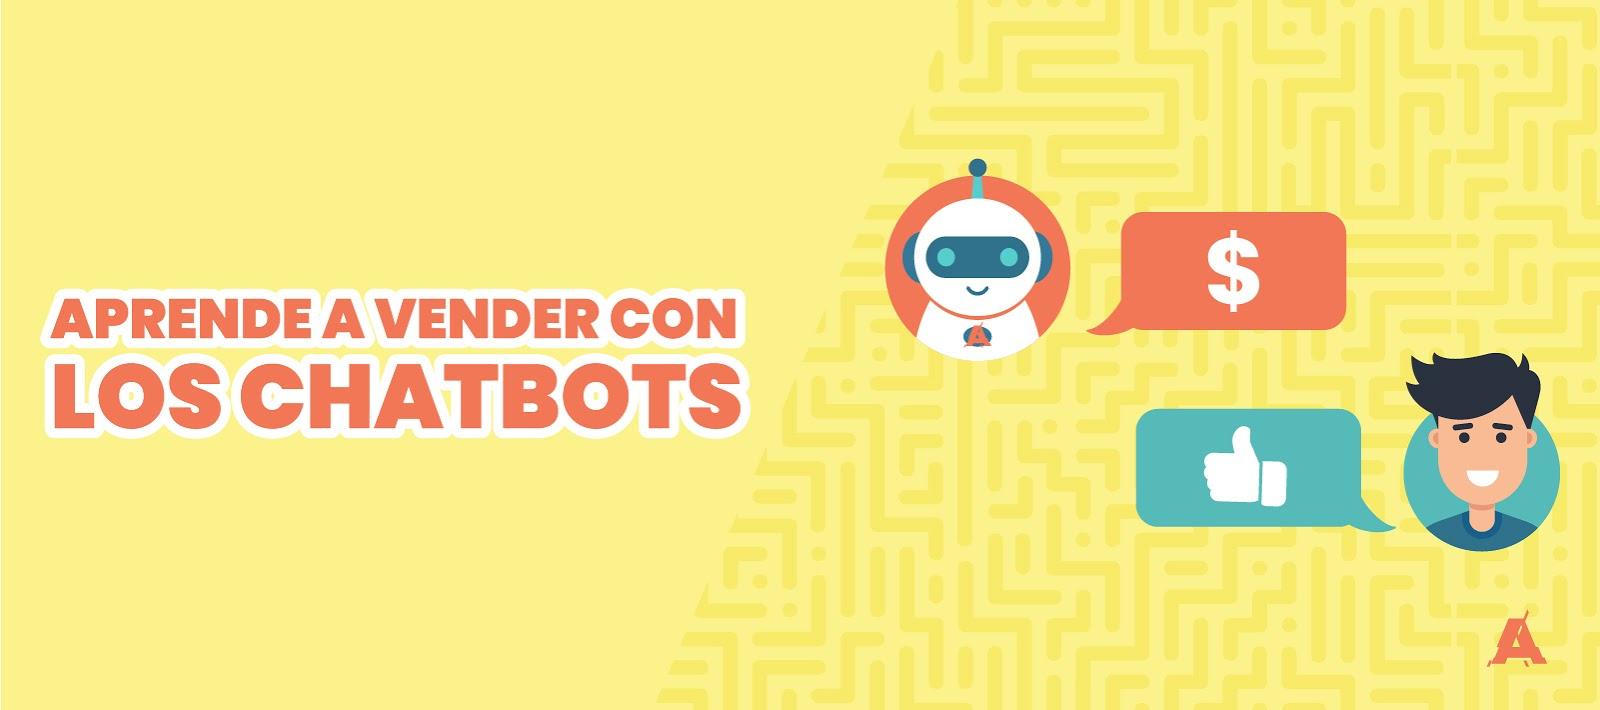 Aprende a vender con los Chatbots